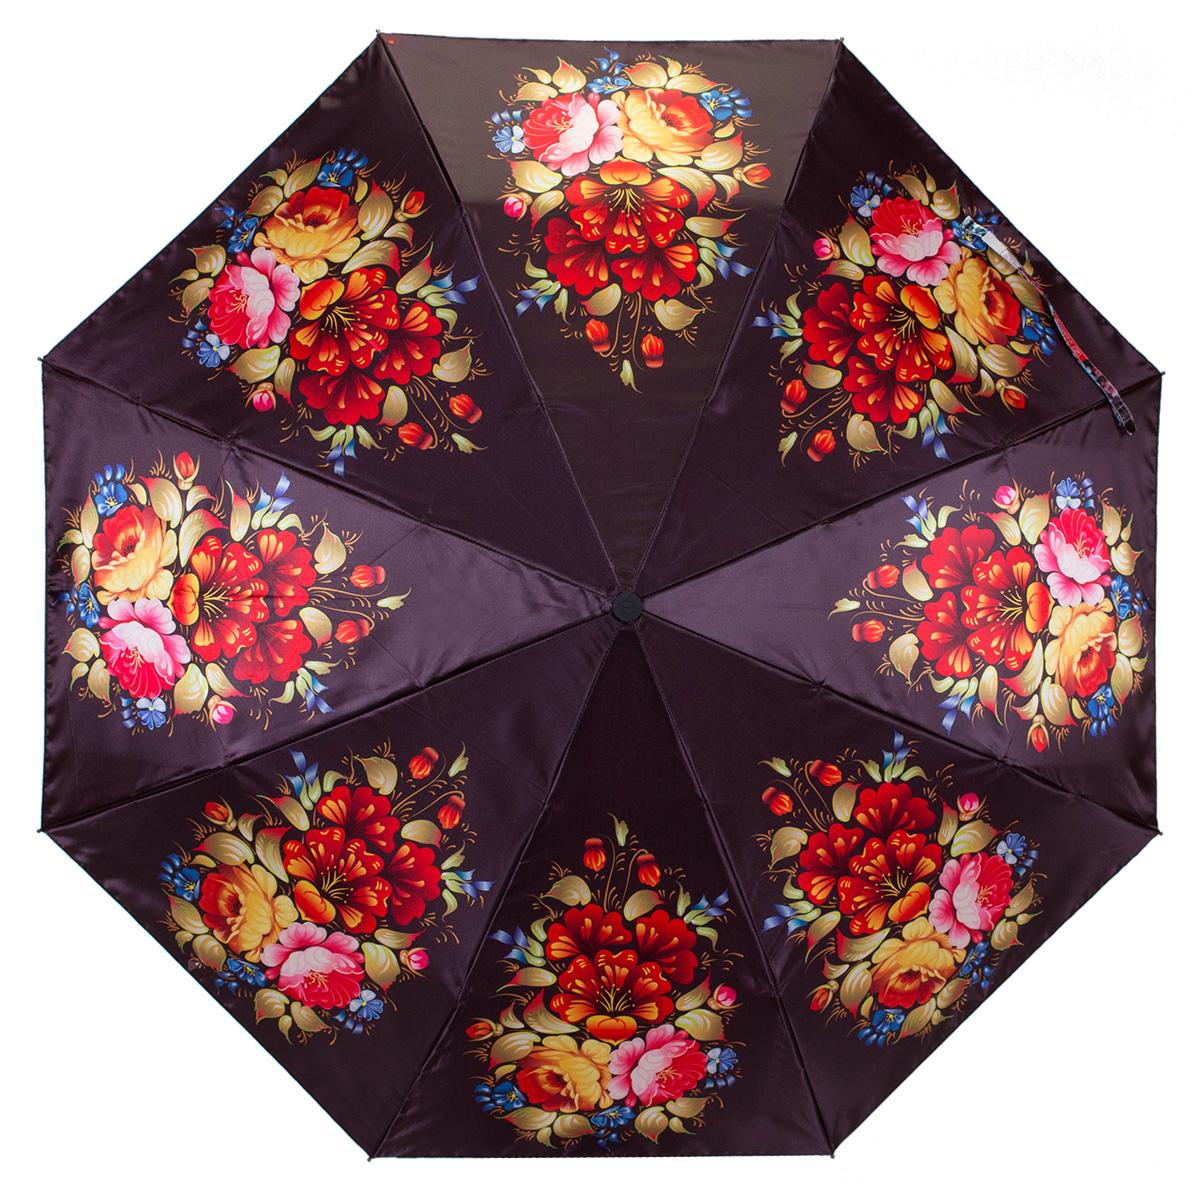 Зонт женский Zemsa Цветы, автомат, 3 сложения. 12-004 ZM12-004 ZMСтильный автоматический зонт Zemsa Цветы в 3 сложения станет великолепным аксессуаром и защитит свою хозяйку от непогоды, не теряя своих функциональных характеристик и визуальной привлекательности в течение всего срока эксплуатации. Каркас зонта, выполненный из стали, состоит из восьми спиц и оснащен удобной рукояткой. Зонт имеет полный автоматический механизм сложения: купол открывается и закрывается нажатием кнопки на рукоятке, стержень складывается вручную до характерного щелчка, благодаря чему открыть и закрыть зонт можно одной рукой, что чрезвычайно удобно при входе в транспорт или помещение. Купол зонта выполнен из сатина и оформлен изображением цветов. На рукоятке для удобства есть небольшой шнурок, позволяющий надеть зонт на руку тогда, когда это будет необходимо. К зонту прилагается чехол.